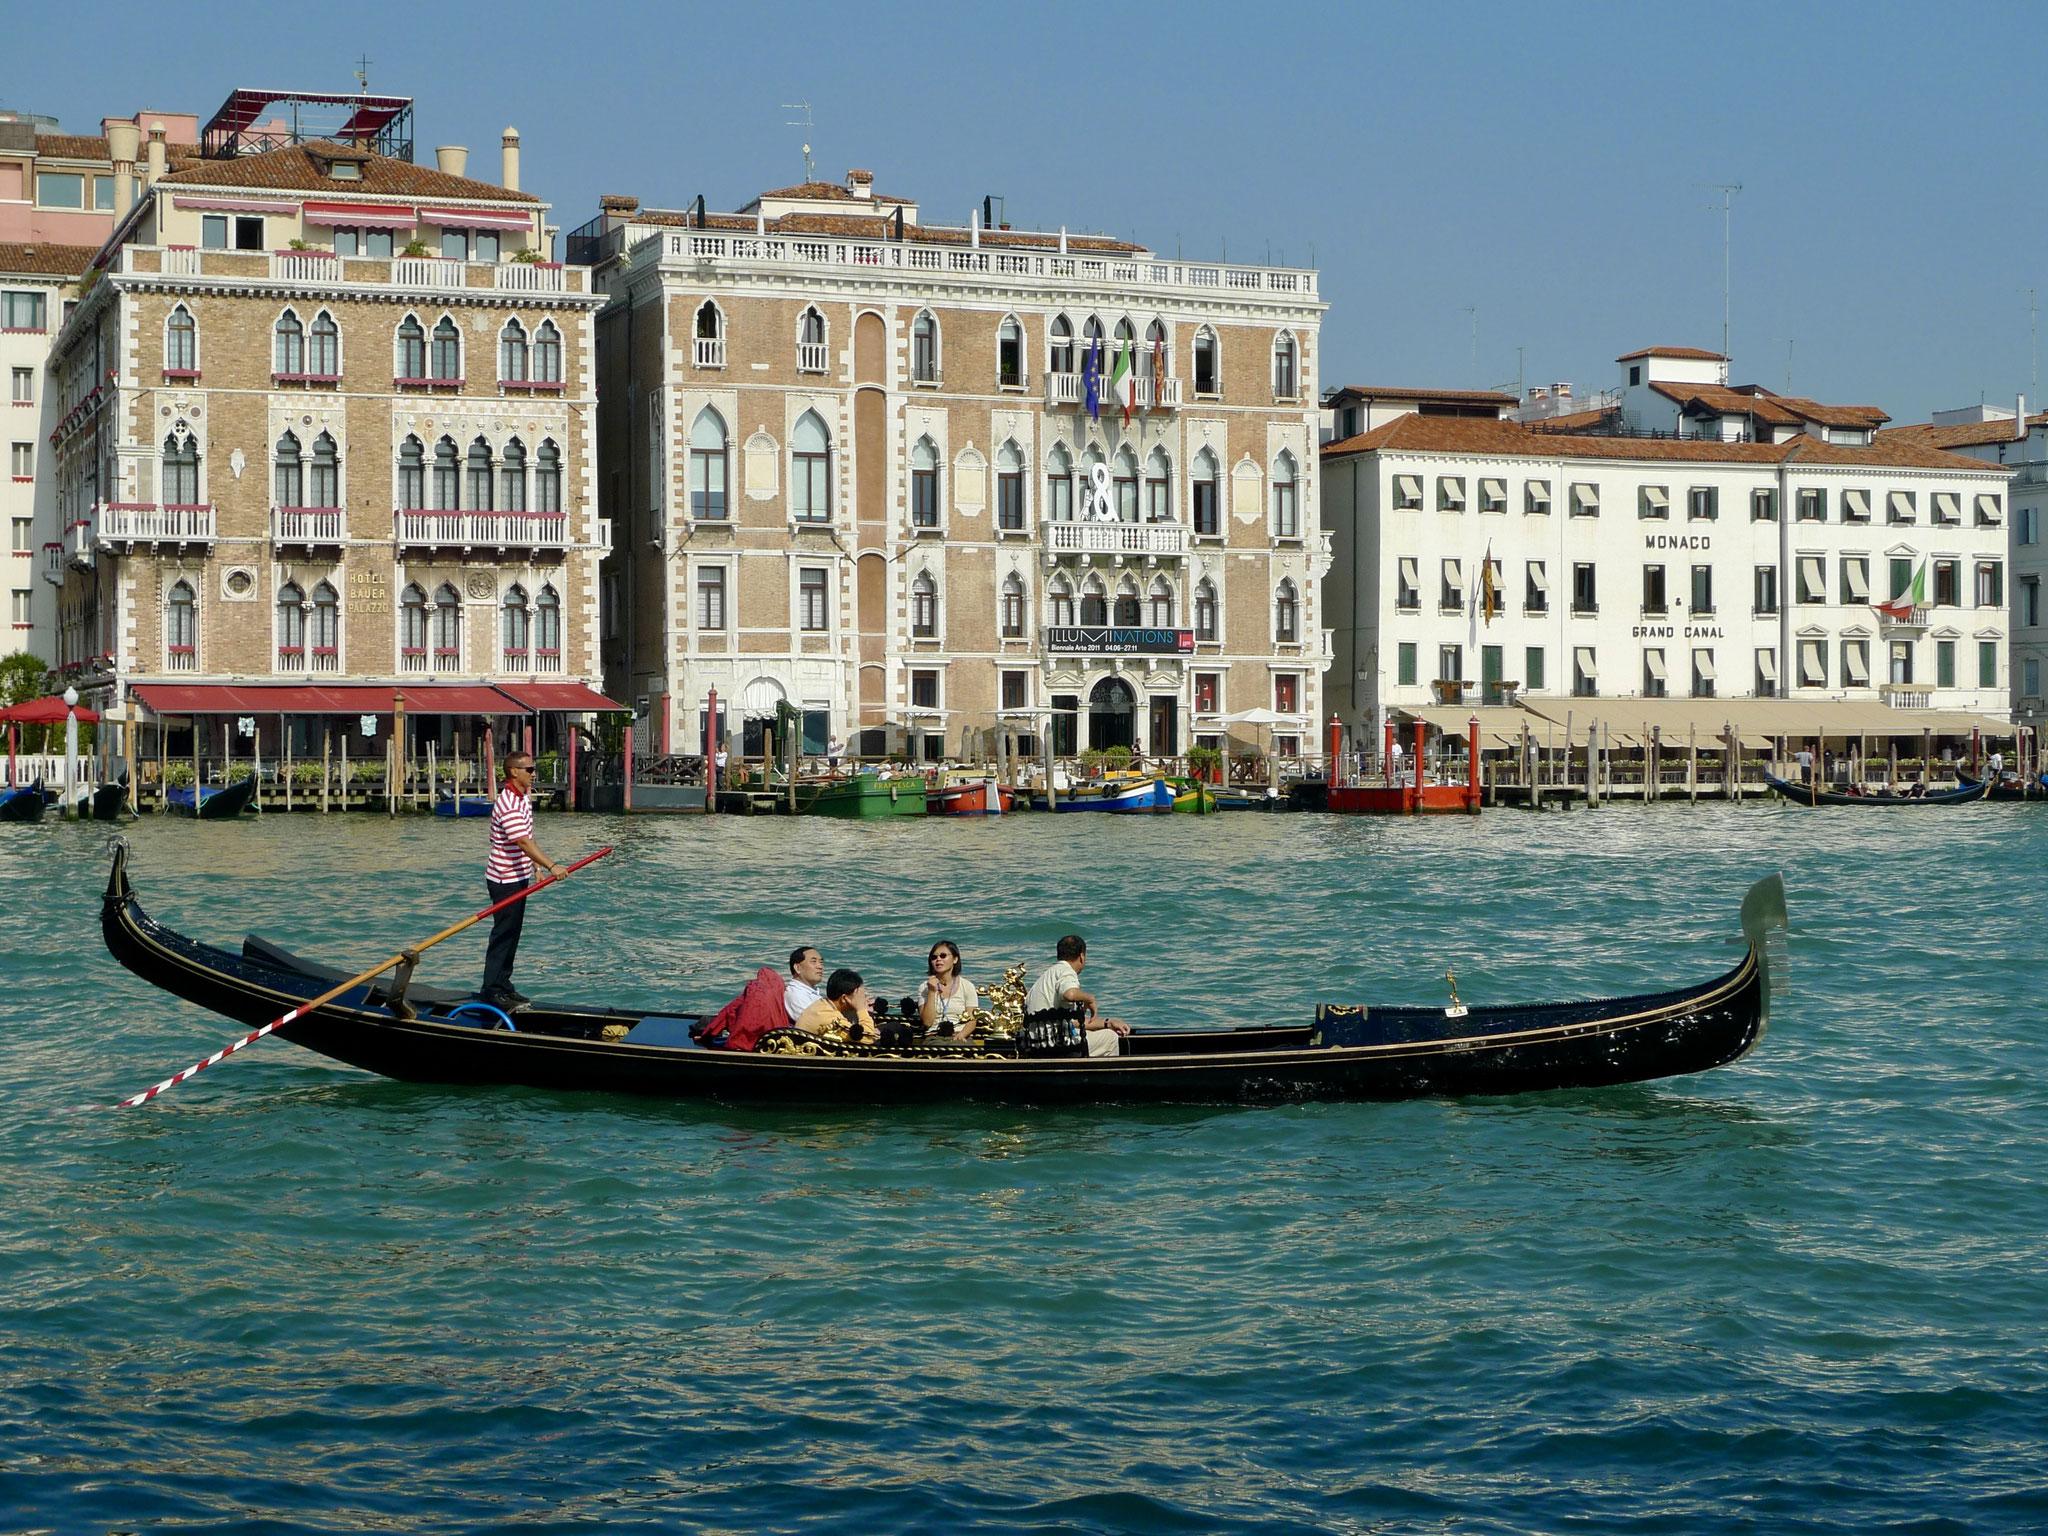 Venice gondola photo cliché